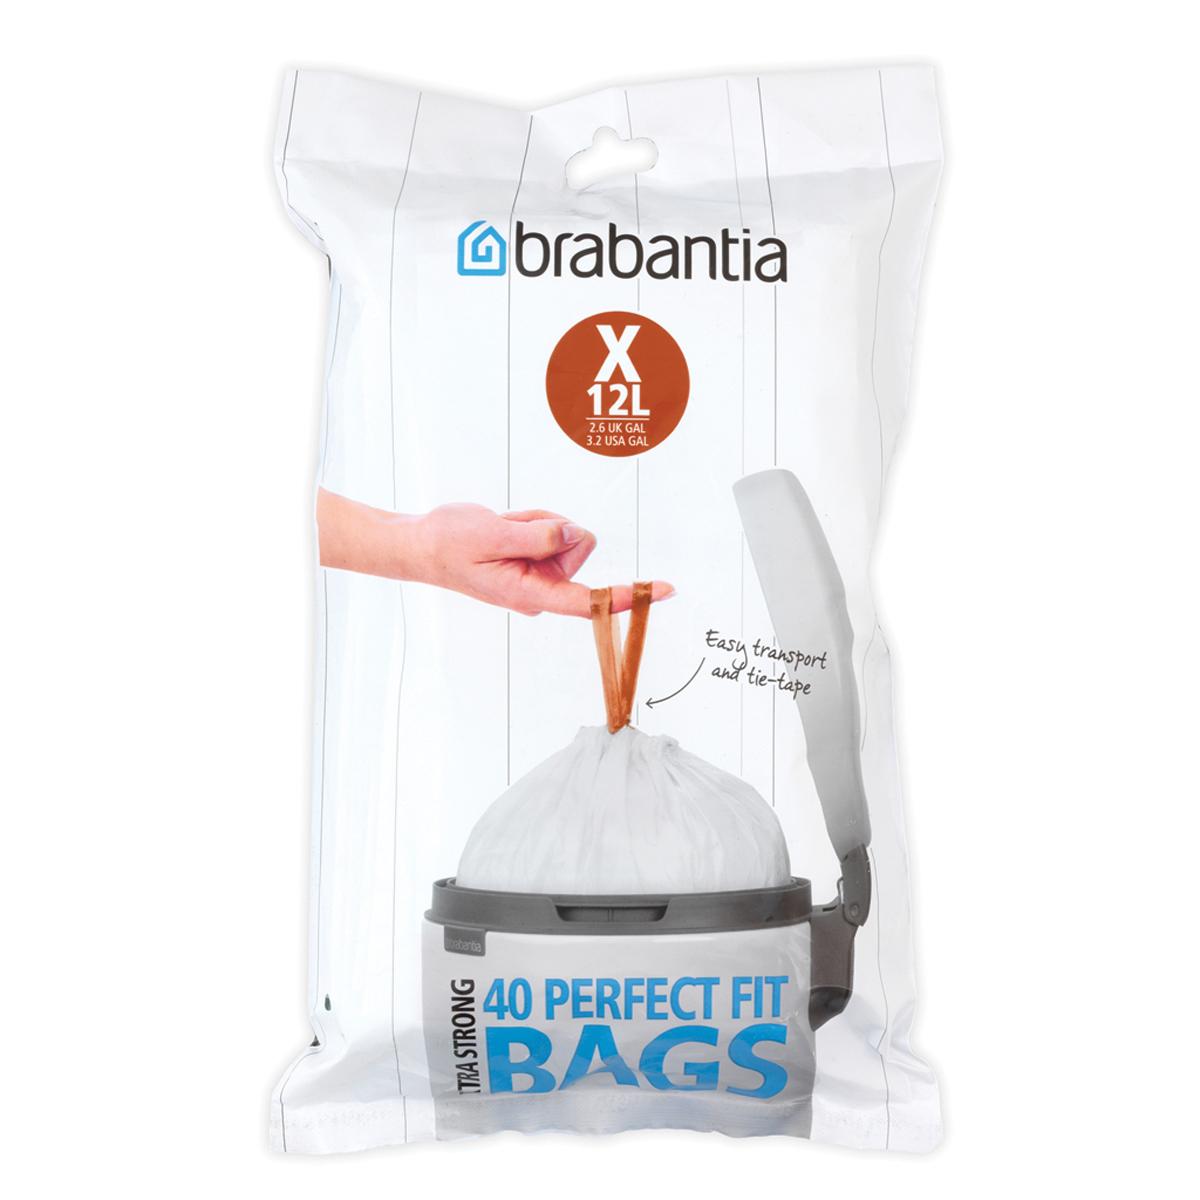 Мешки для мусора Brabantia  X , цвет: белый, 10-12 л, 40 шт -  Инвентарь для уборки